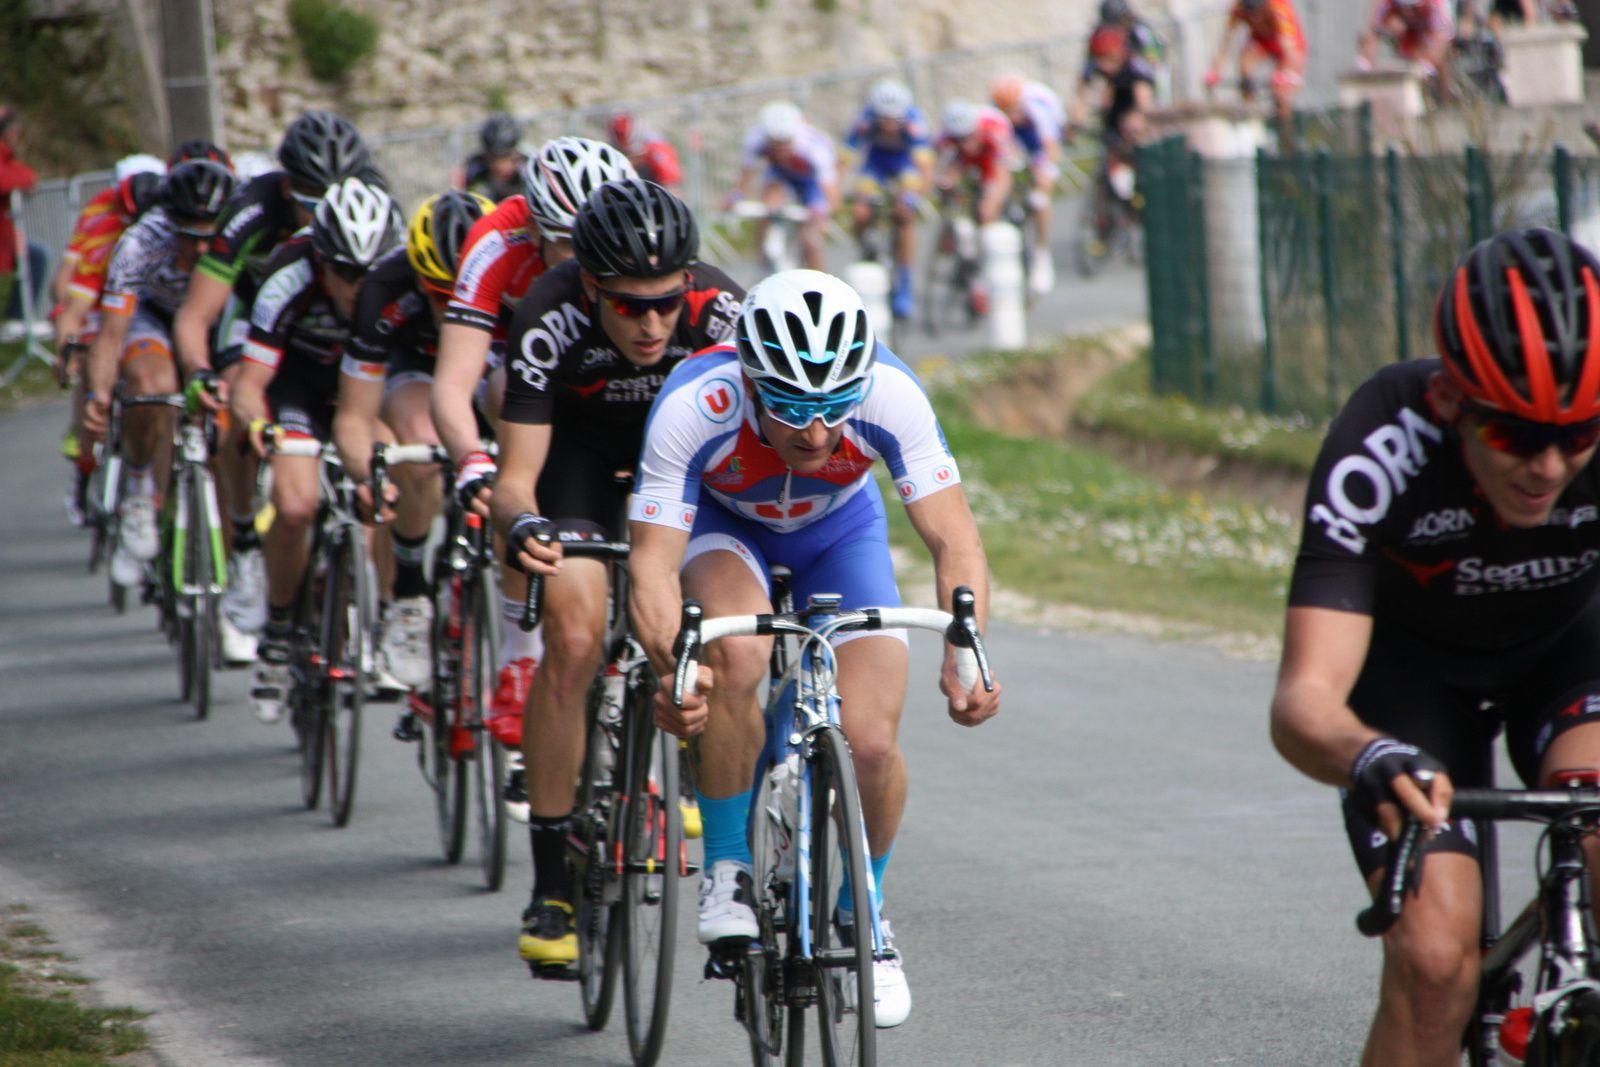 1er  passage  à  Soubran, 3  coureurs  sont  sortit  avec  Jean  MESPOULEDE